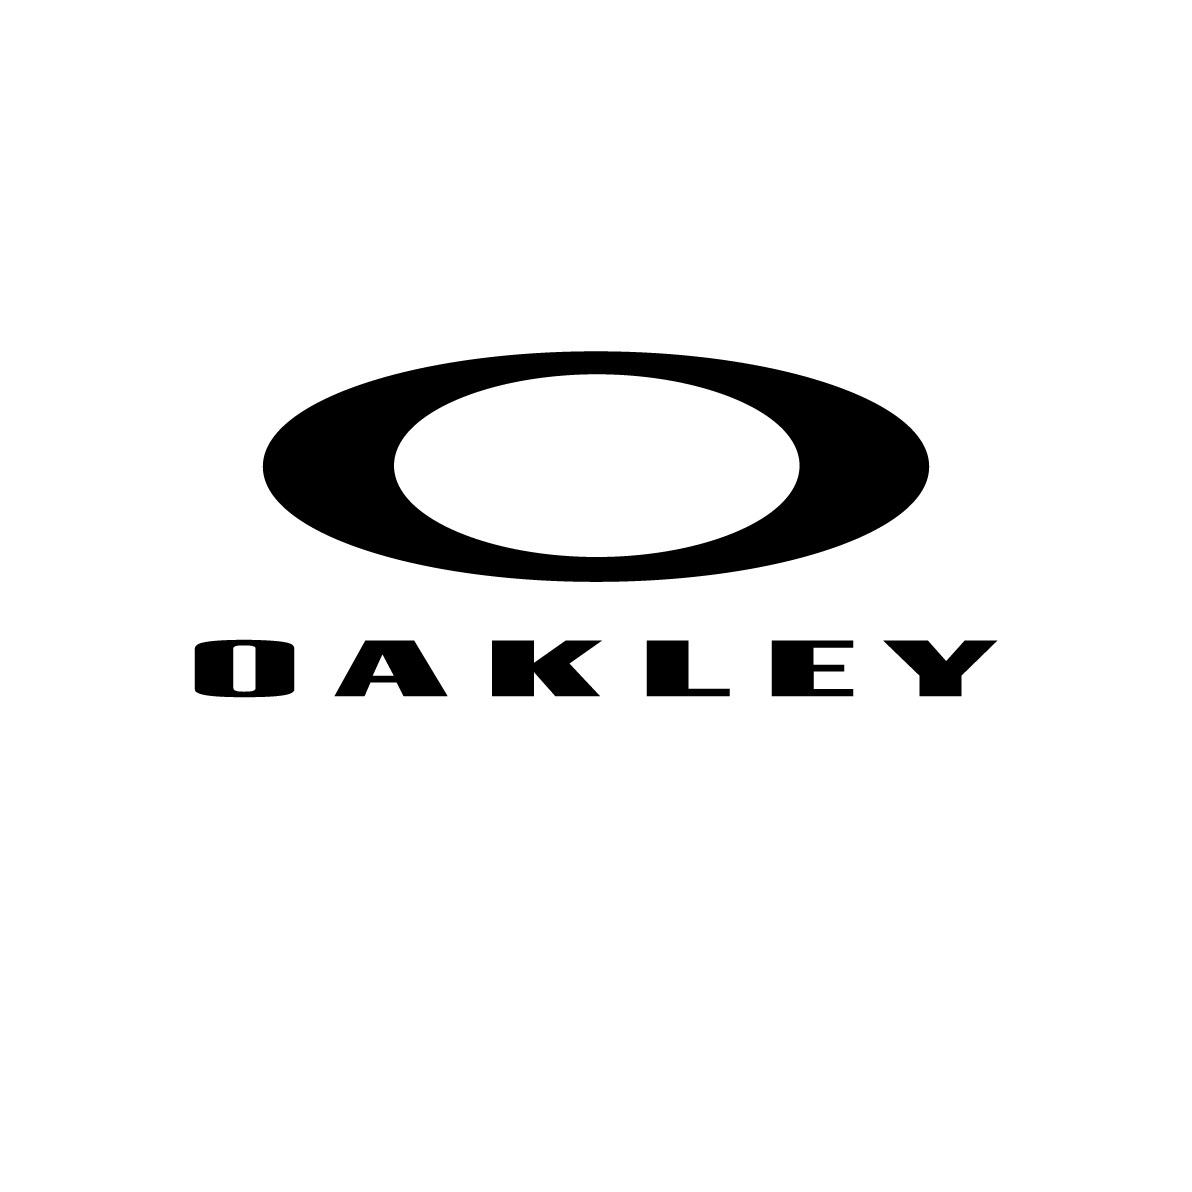 Oakley Logo.jpg